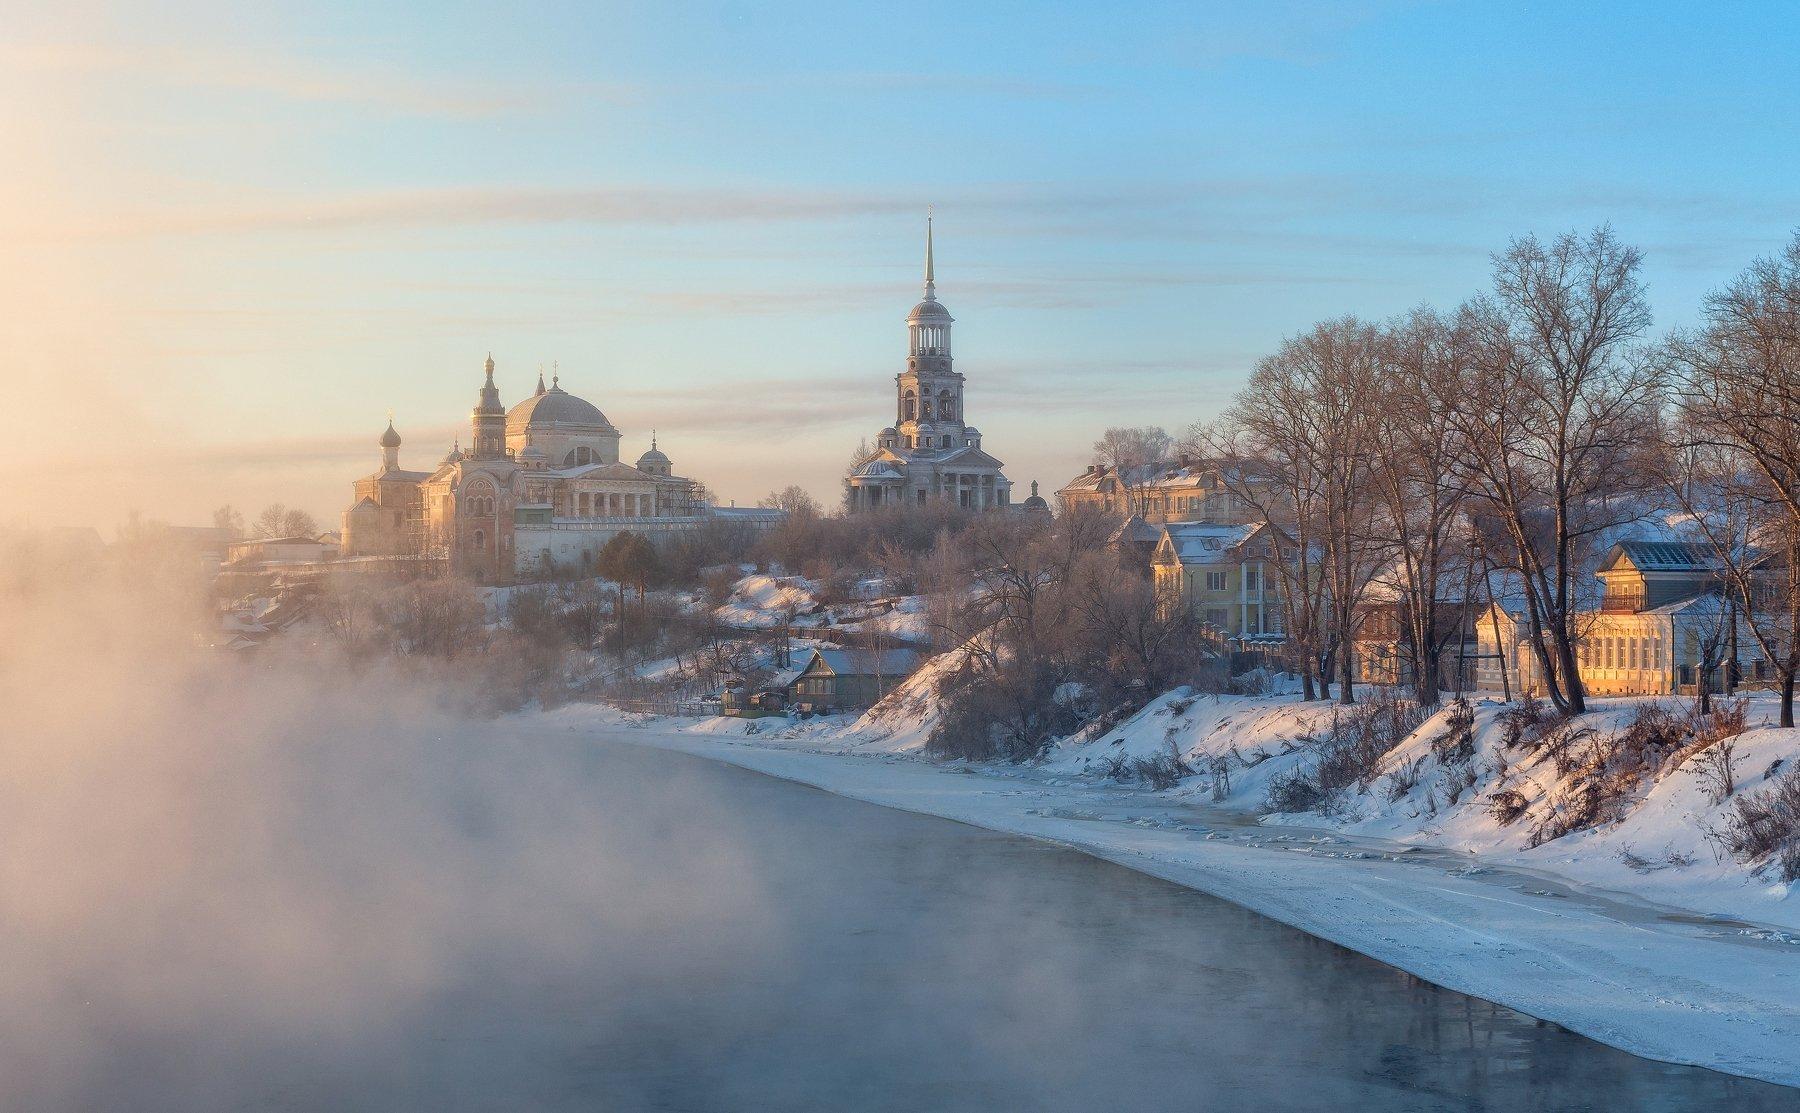 Россия Торжок Тверца Тверская область зима мороз , Сергей Давыдов